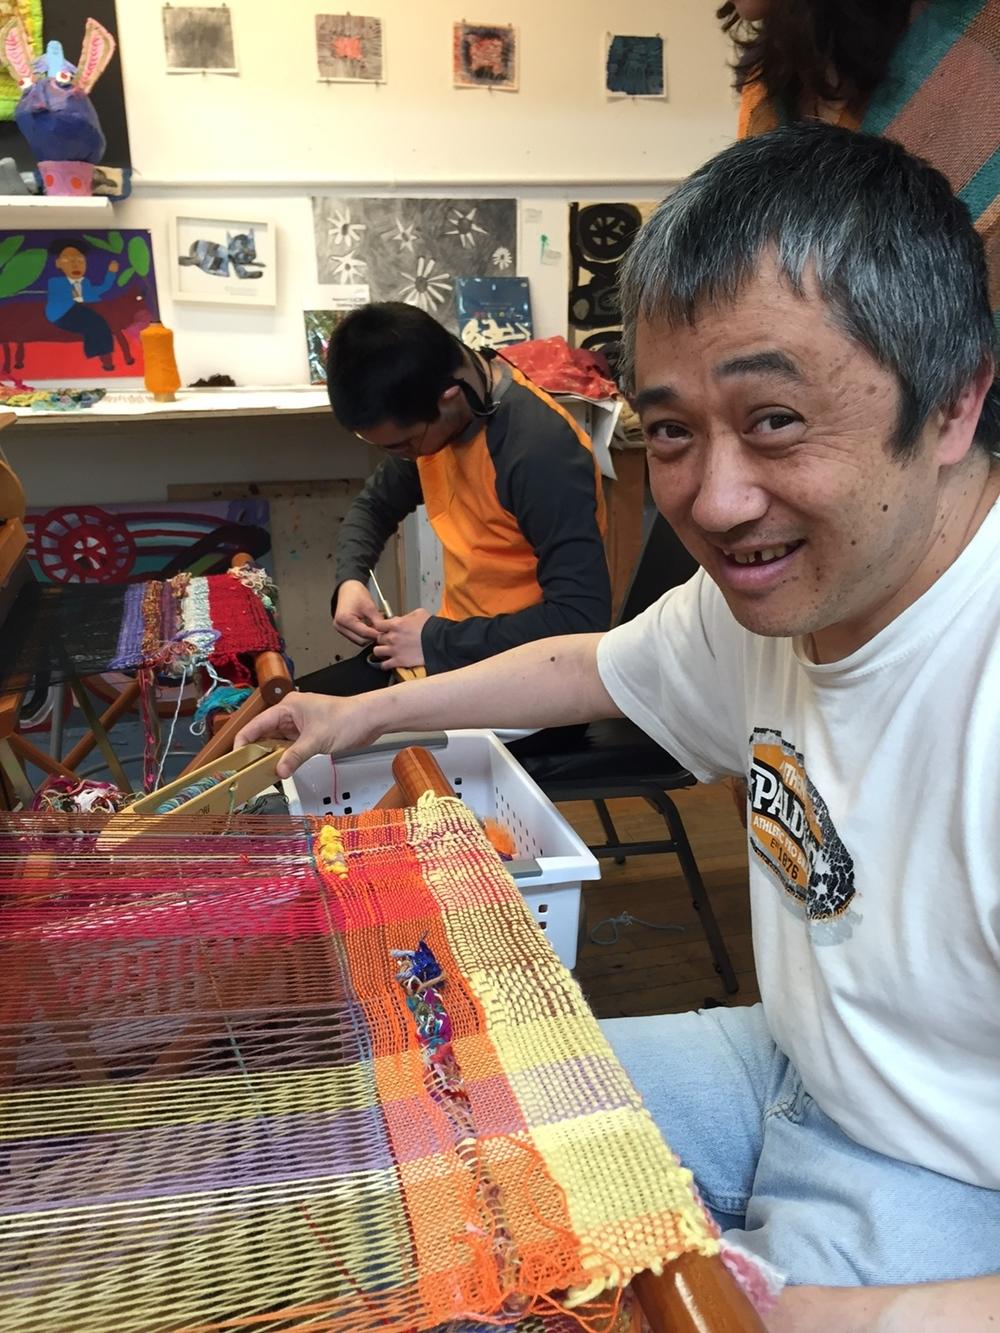 Artist Hiroshi Onodera